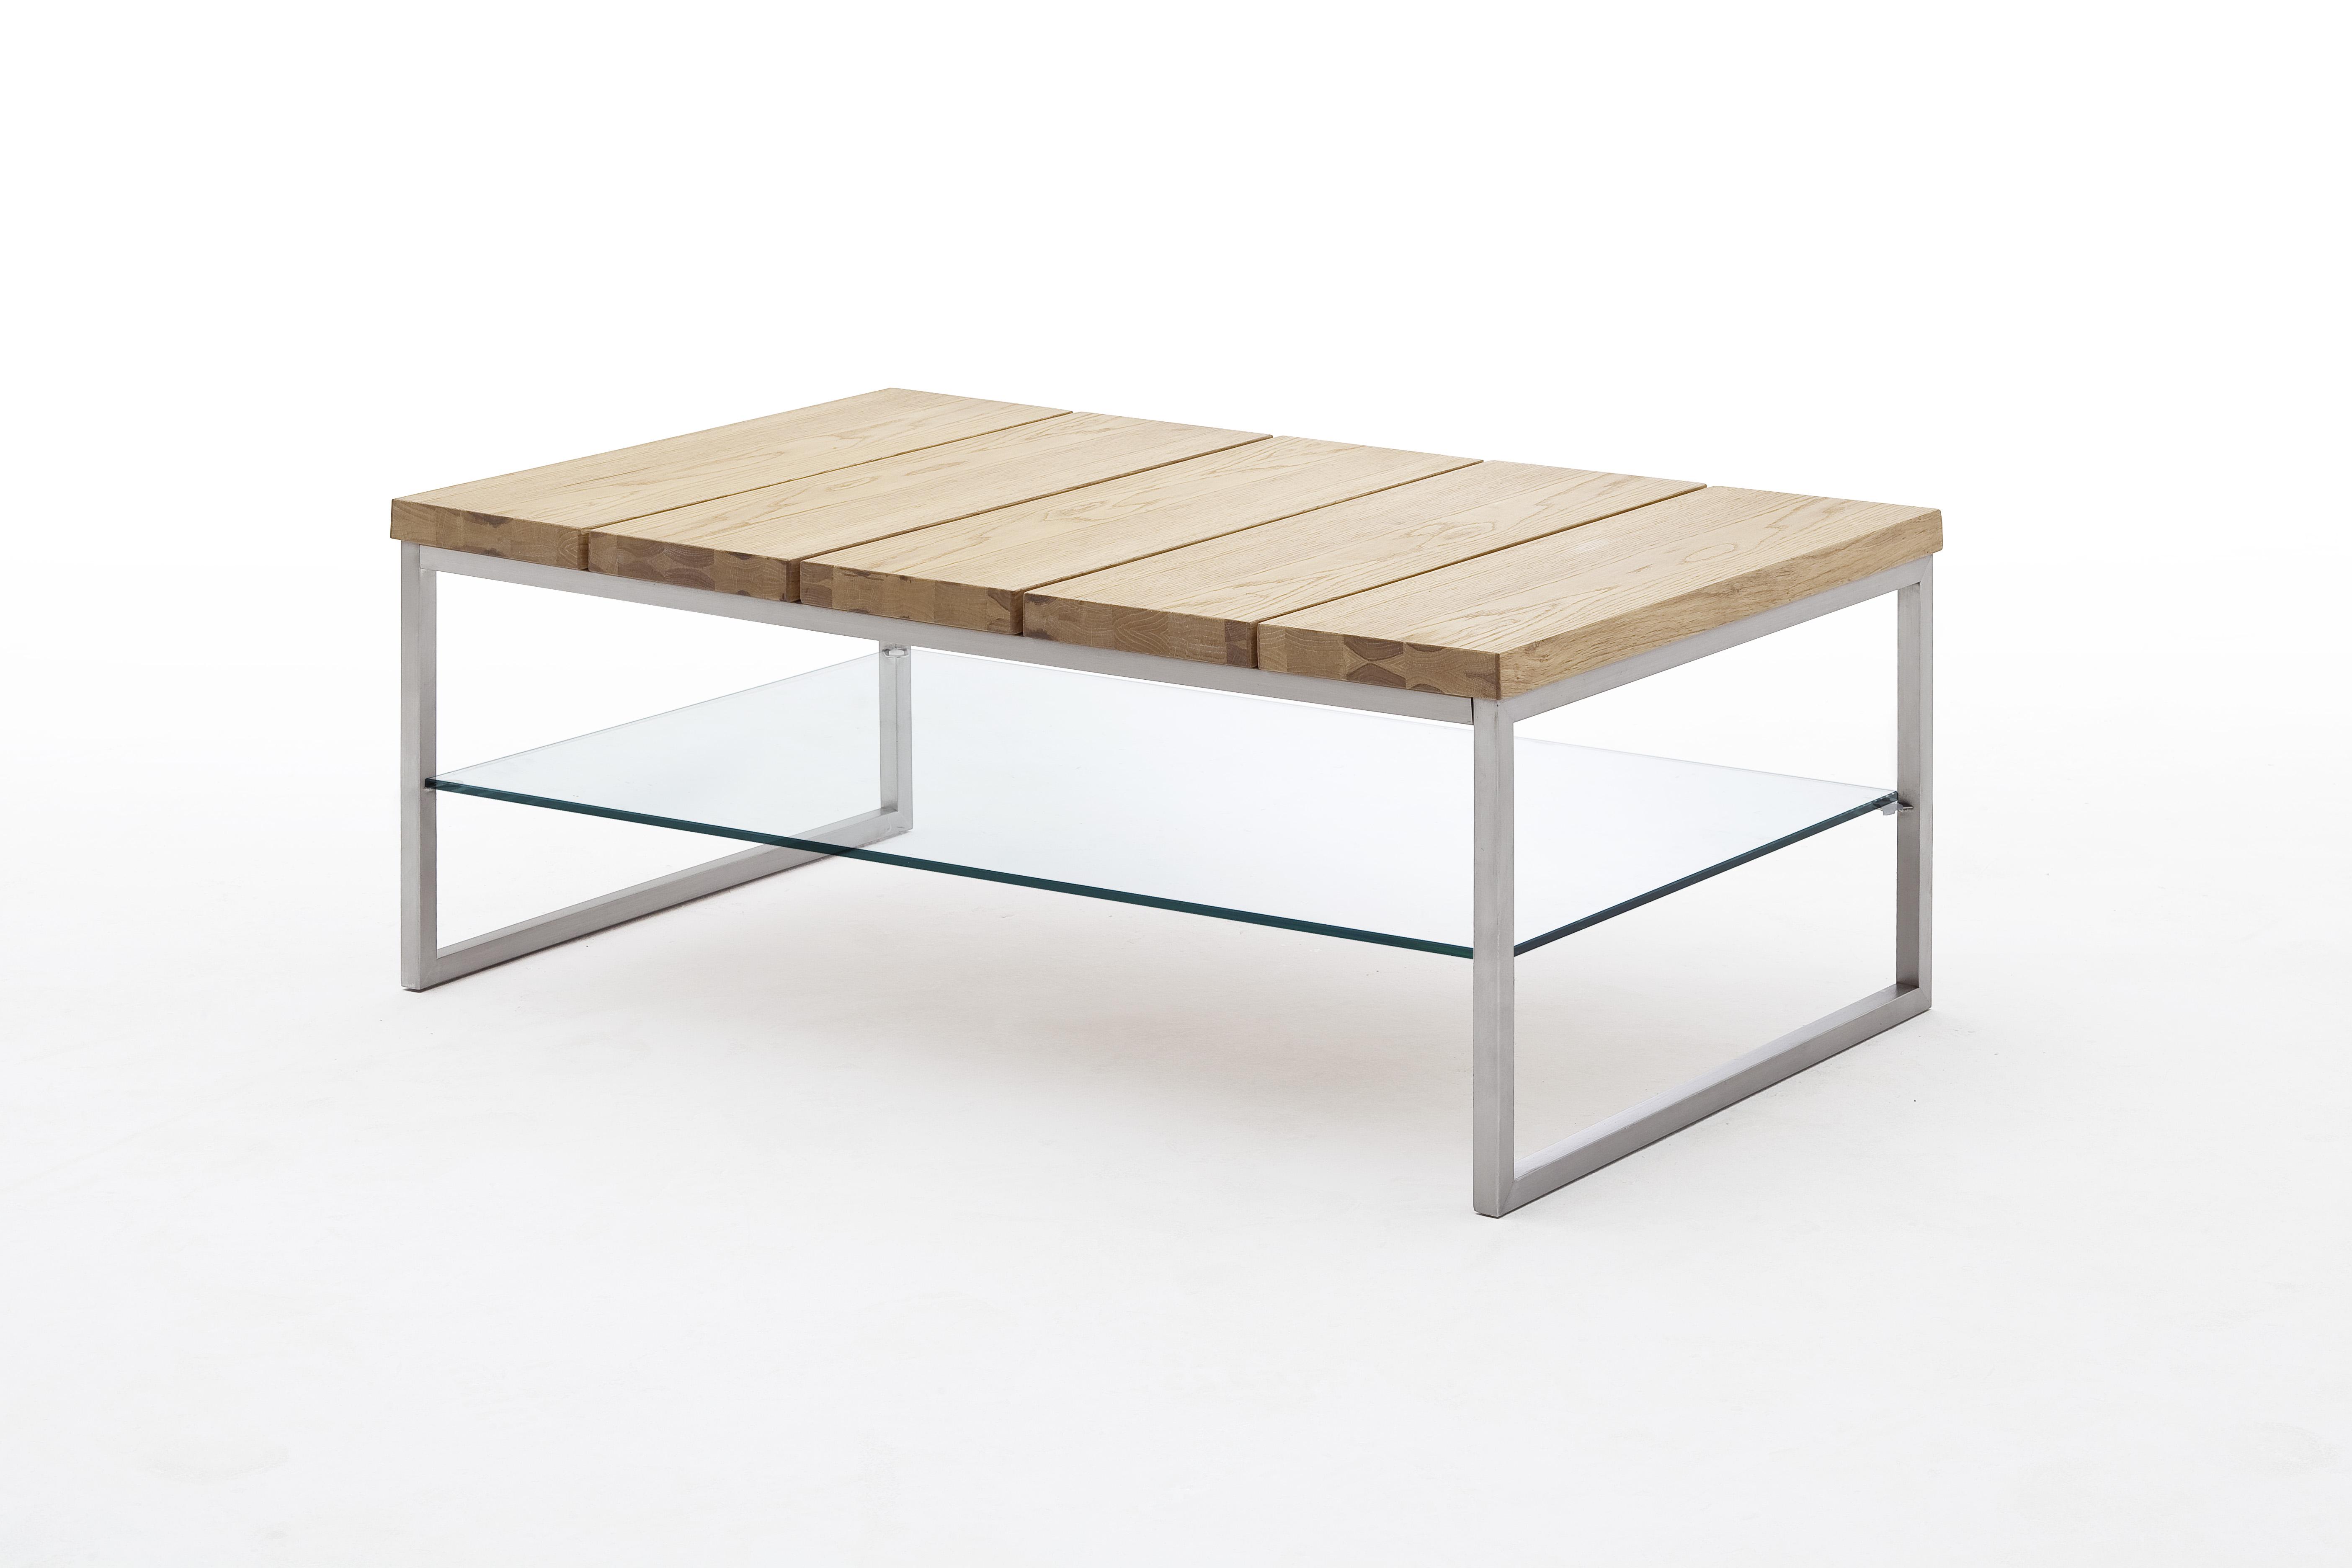 Couchtisch Beistelltisch Tisch Wohnzimmertisch Glas Norge Asteiche Geölt